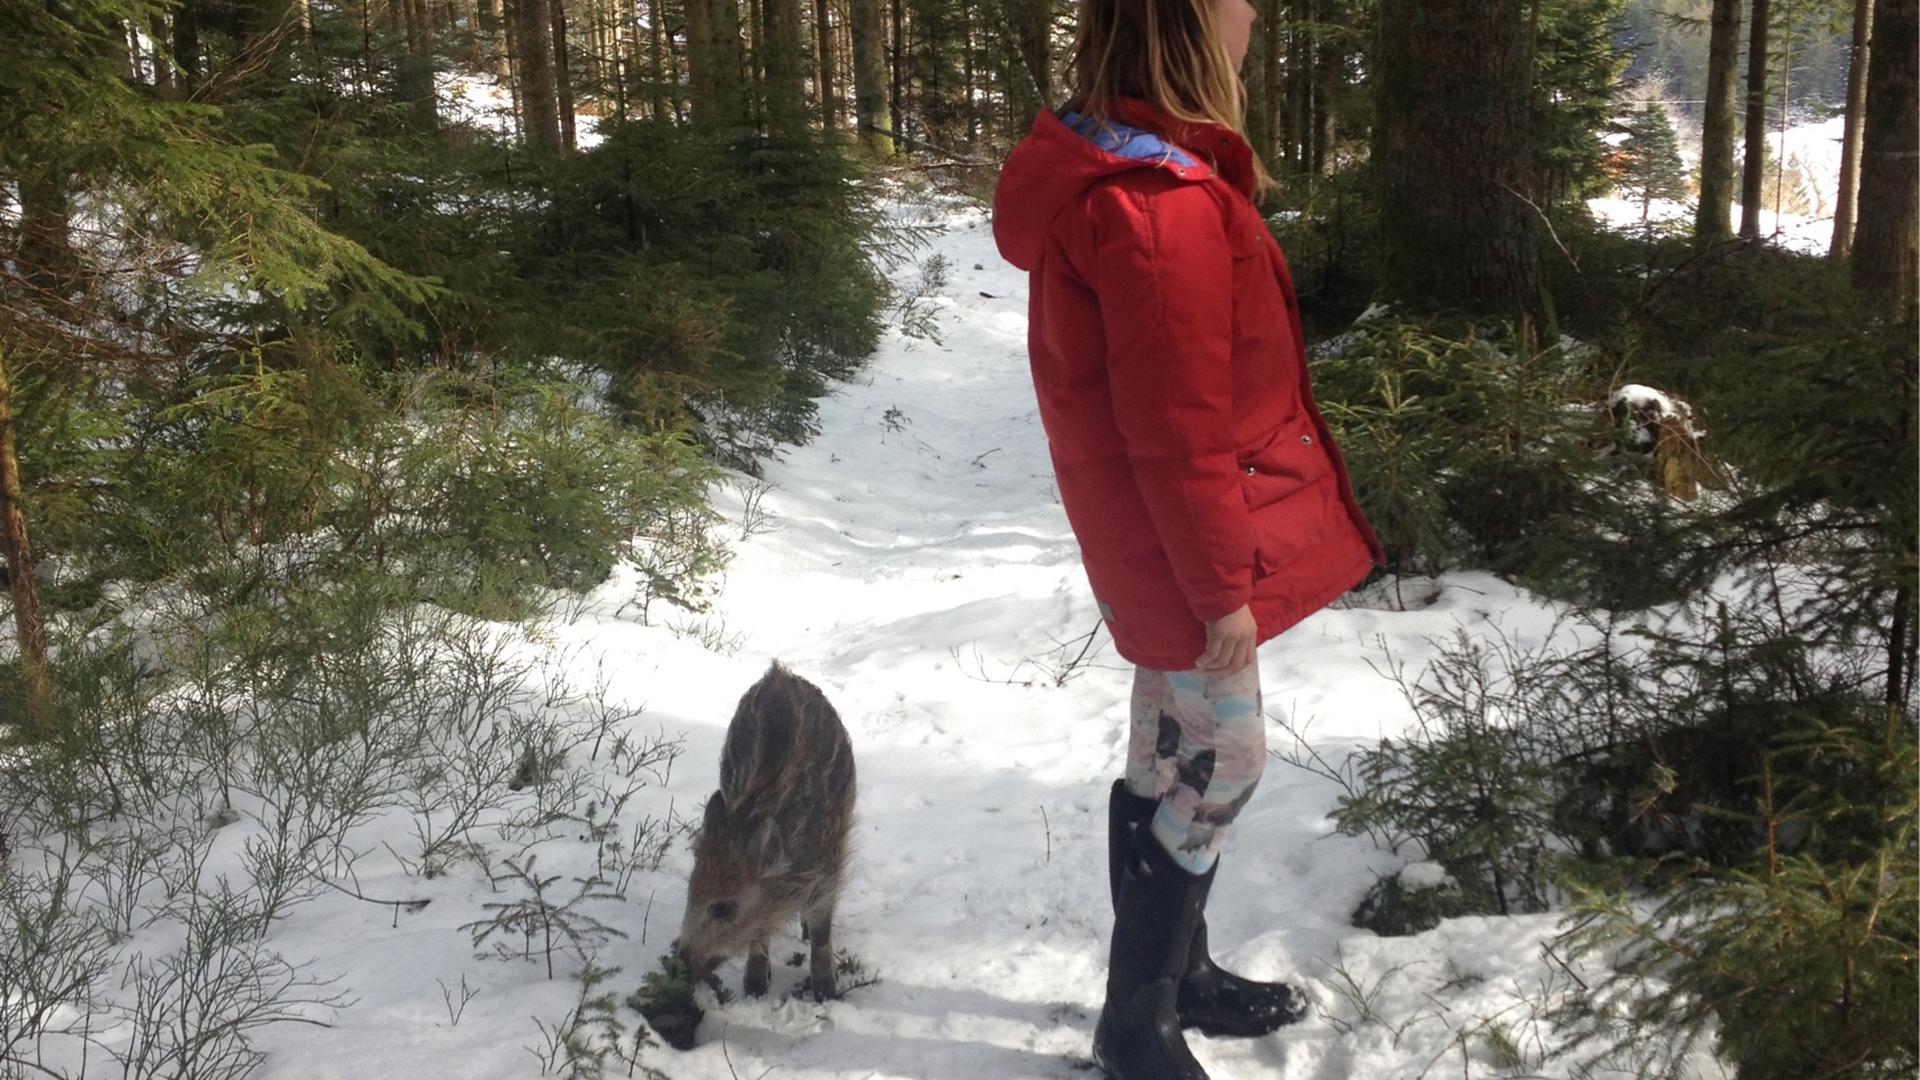 Ein Wildschwein und ein Mädchen stehen im Wald.